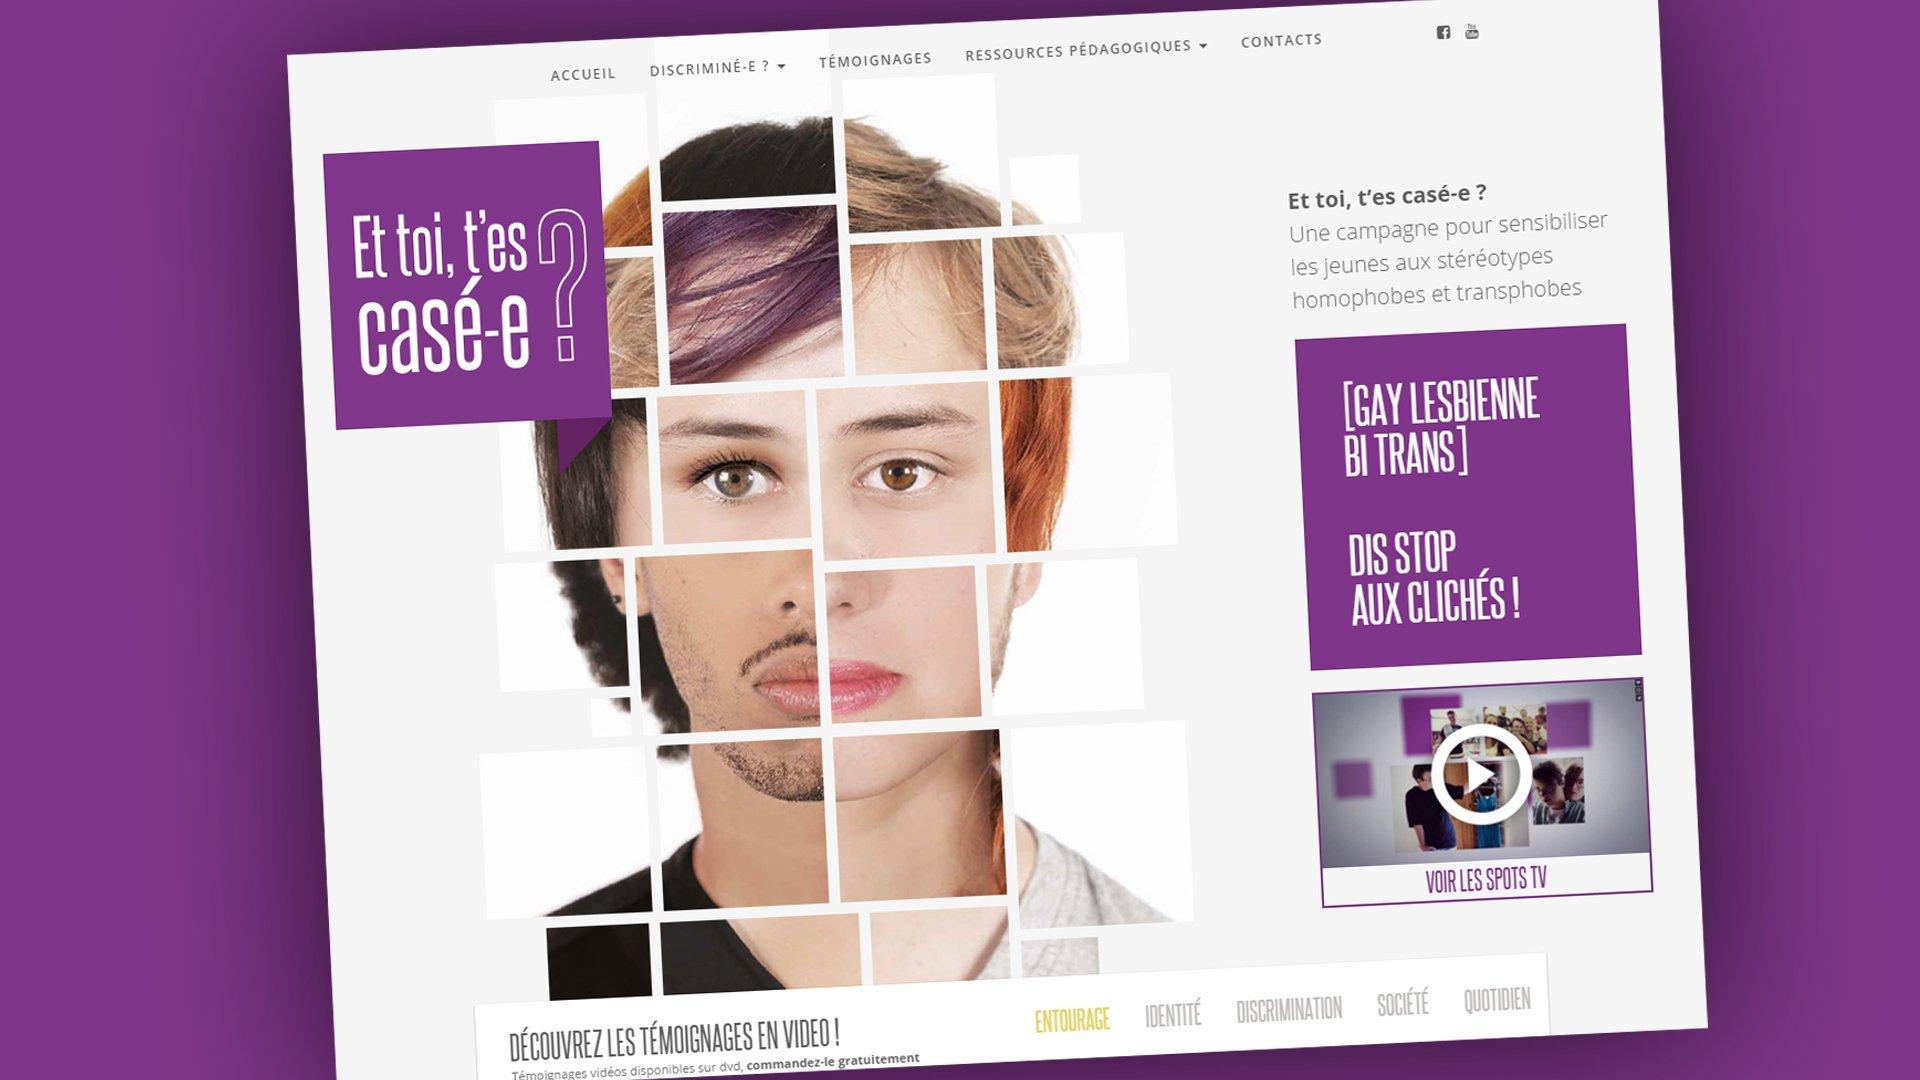 Belgique : « Et toi, t'es casé-e ? », une campagne pour dire stop aux clichés !